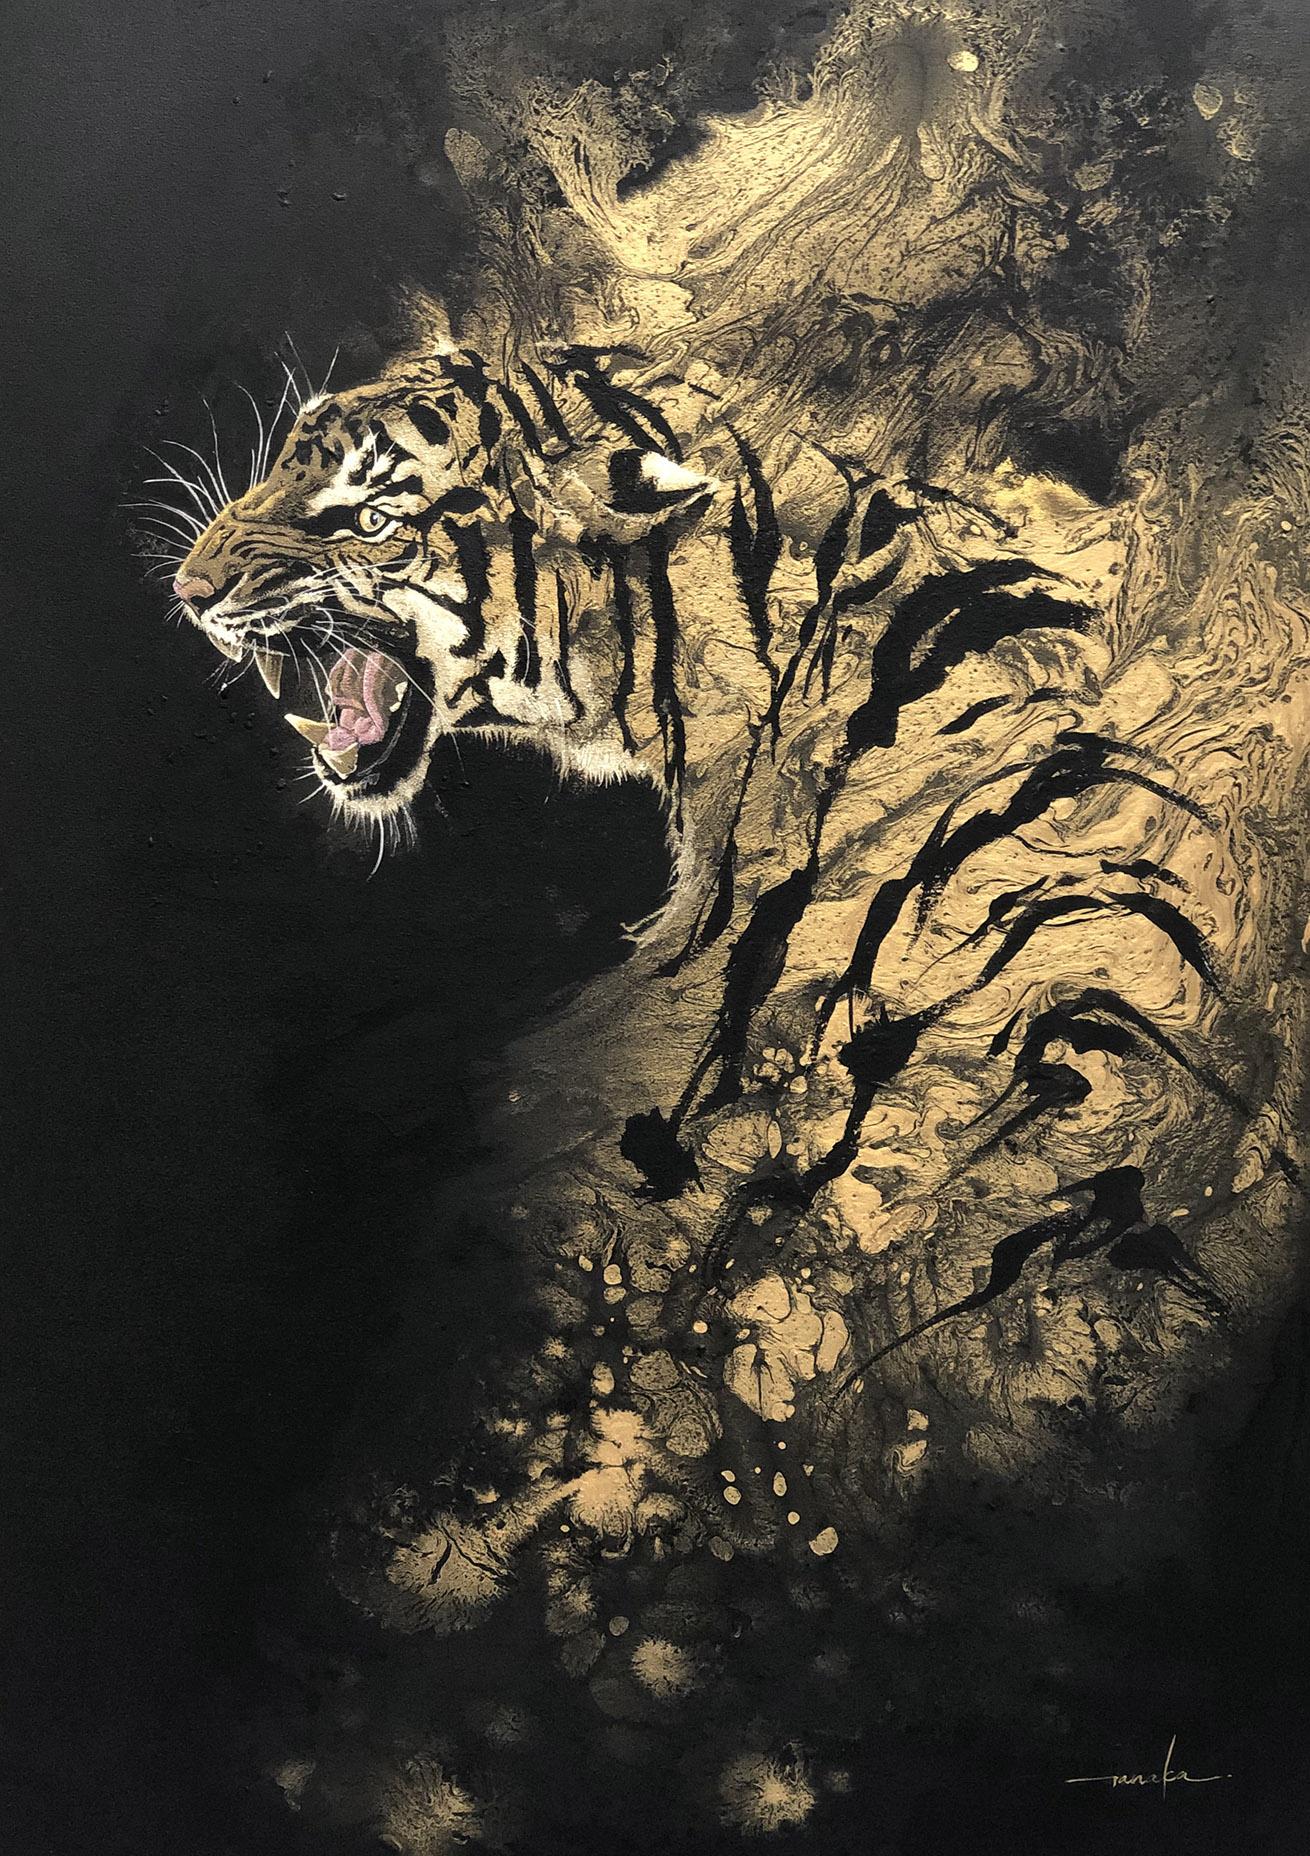 風は虎に従う